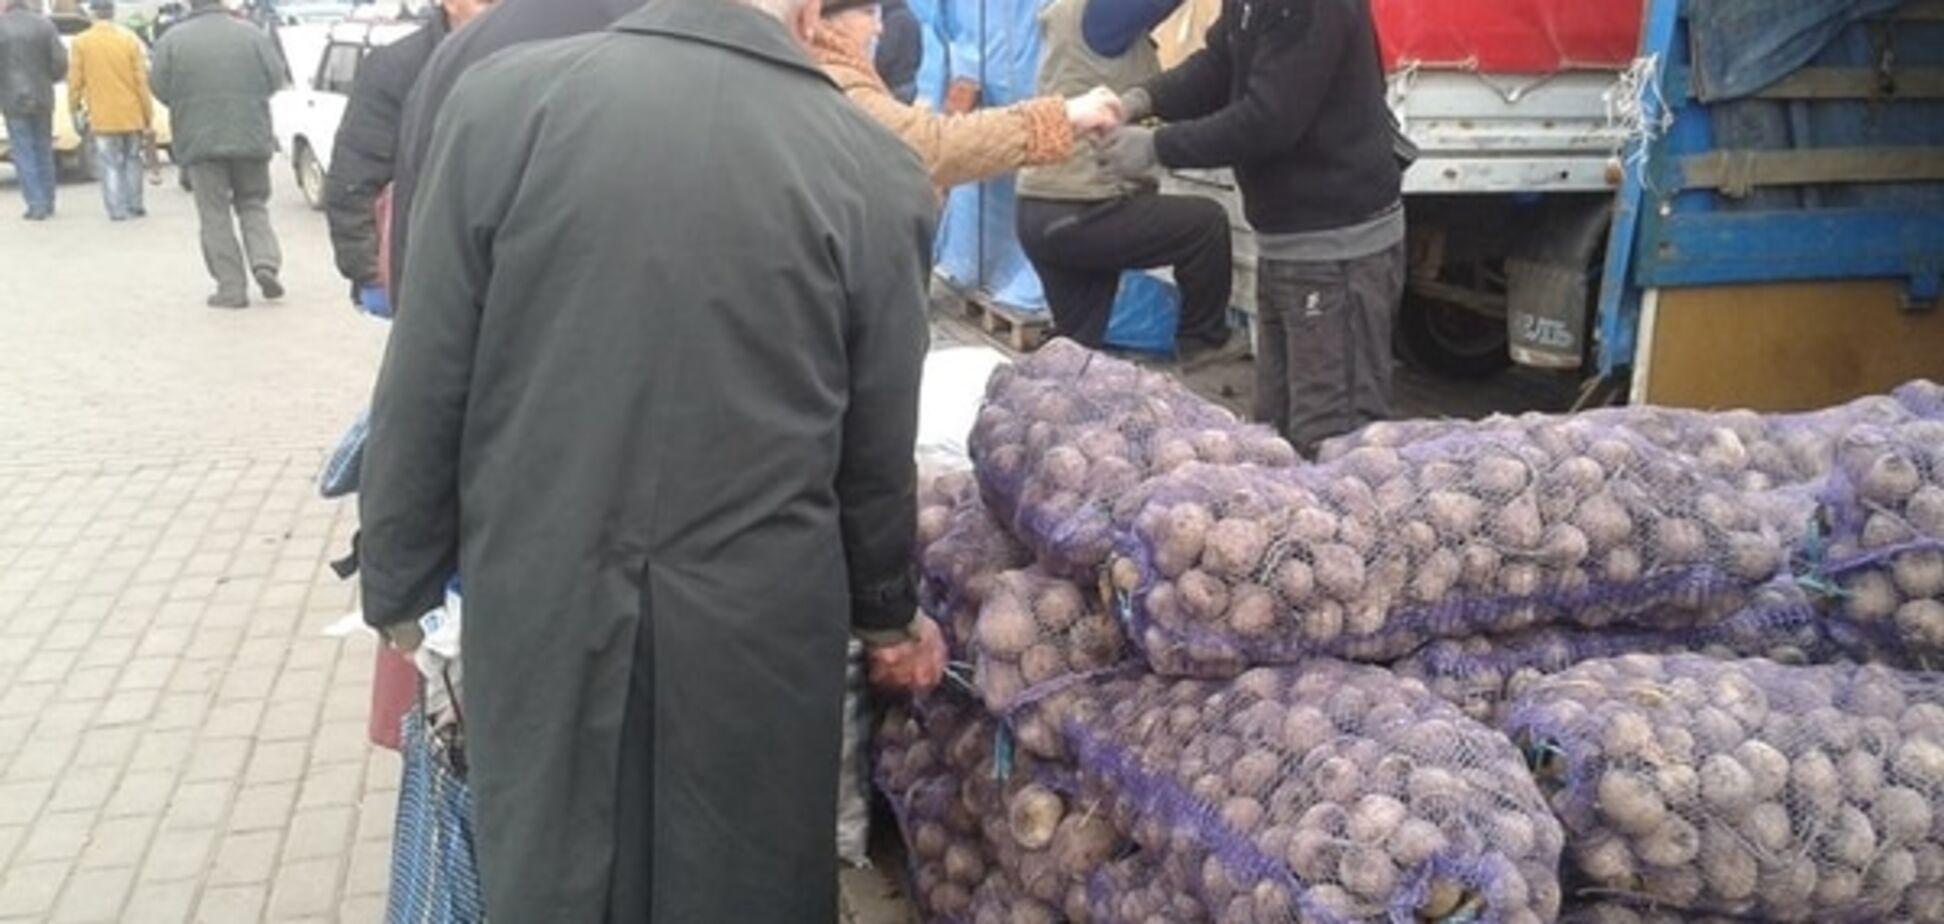 Вкрав 'бурячину': головний письменник 'ЛНР' викрив голодуючого пенсіонера Луганська. Фотофакт